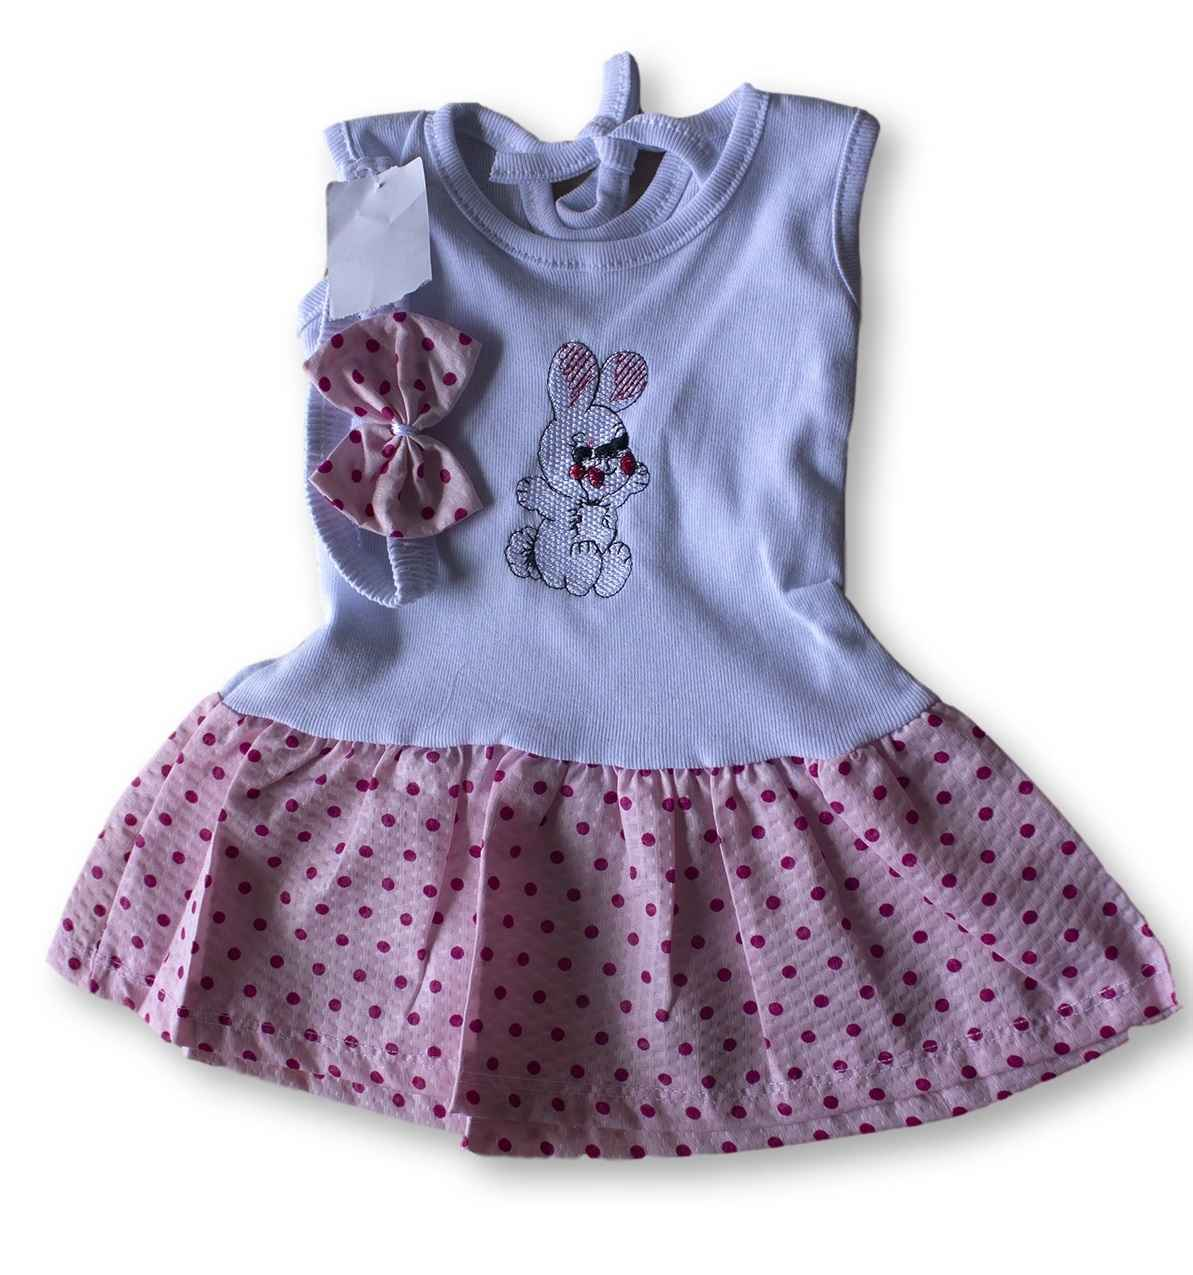 Vestido Com Tiara Bebê Recém Nascido Feminino Menina Cod 9097